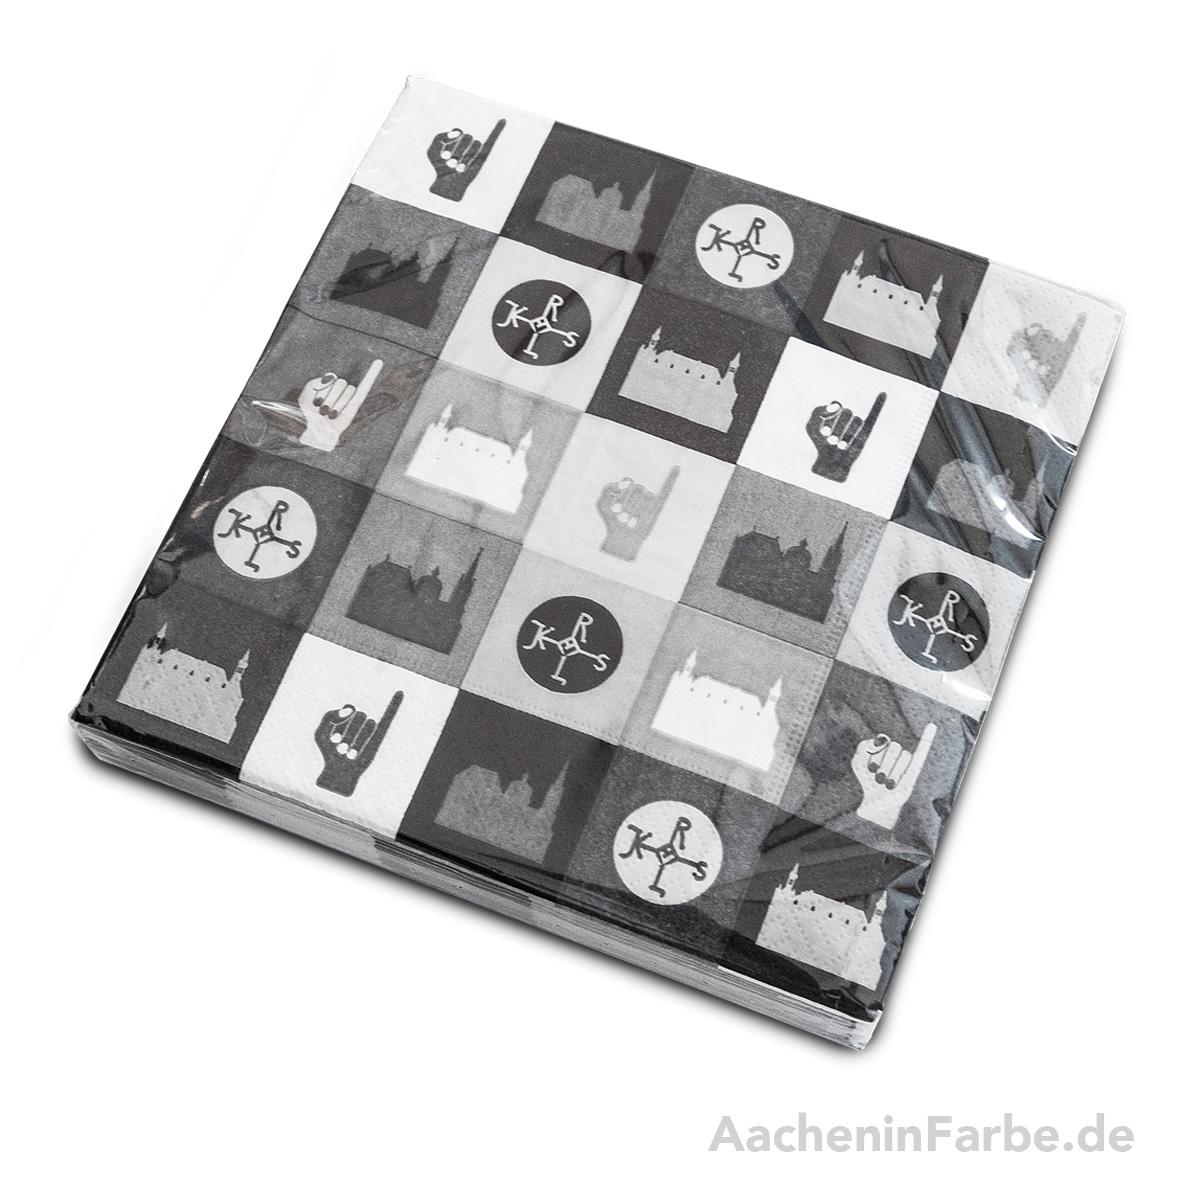 Serviette Aachen Kacheln, schwarz-weiß